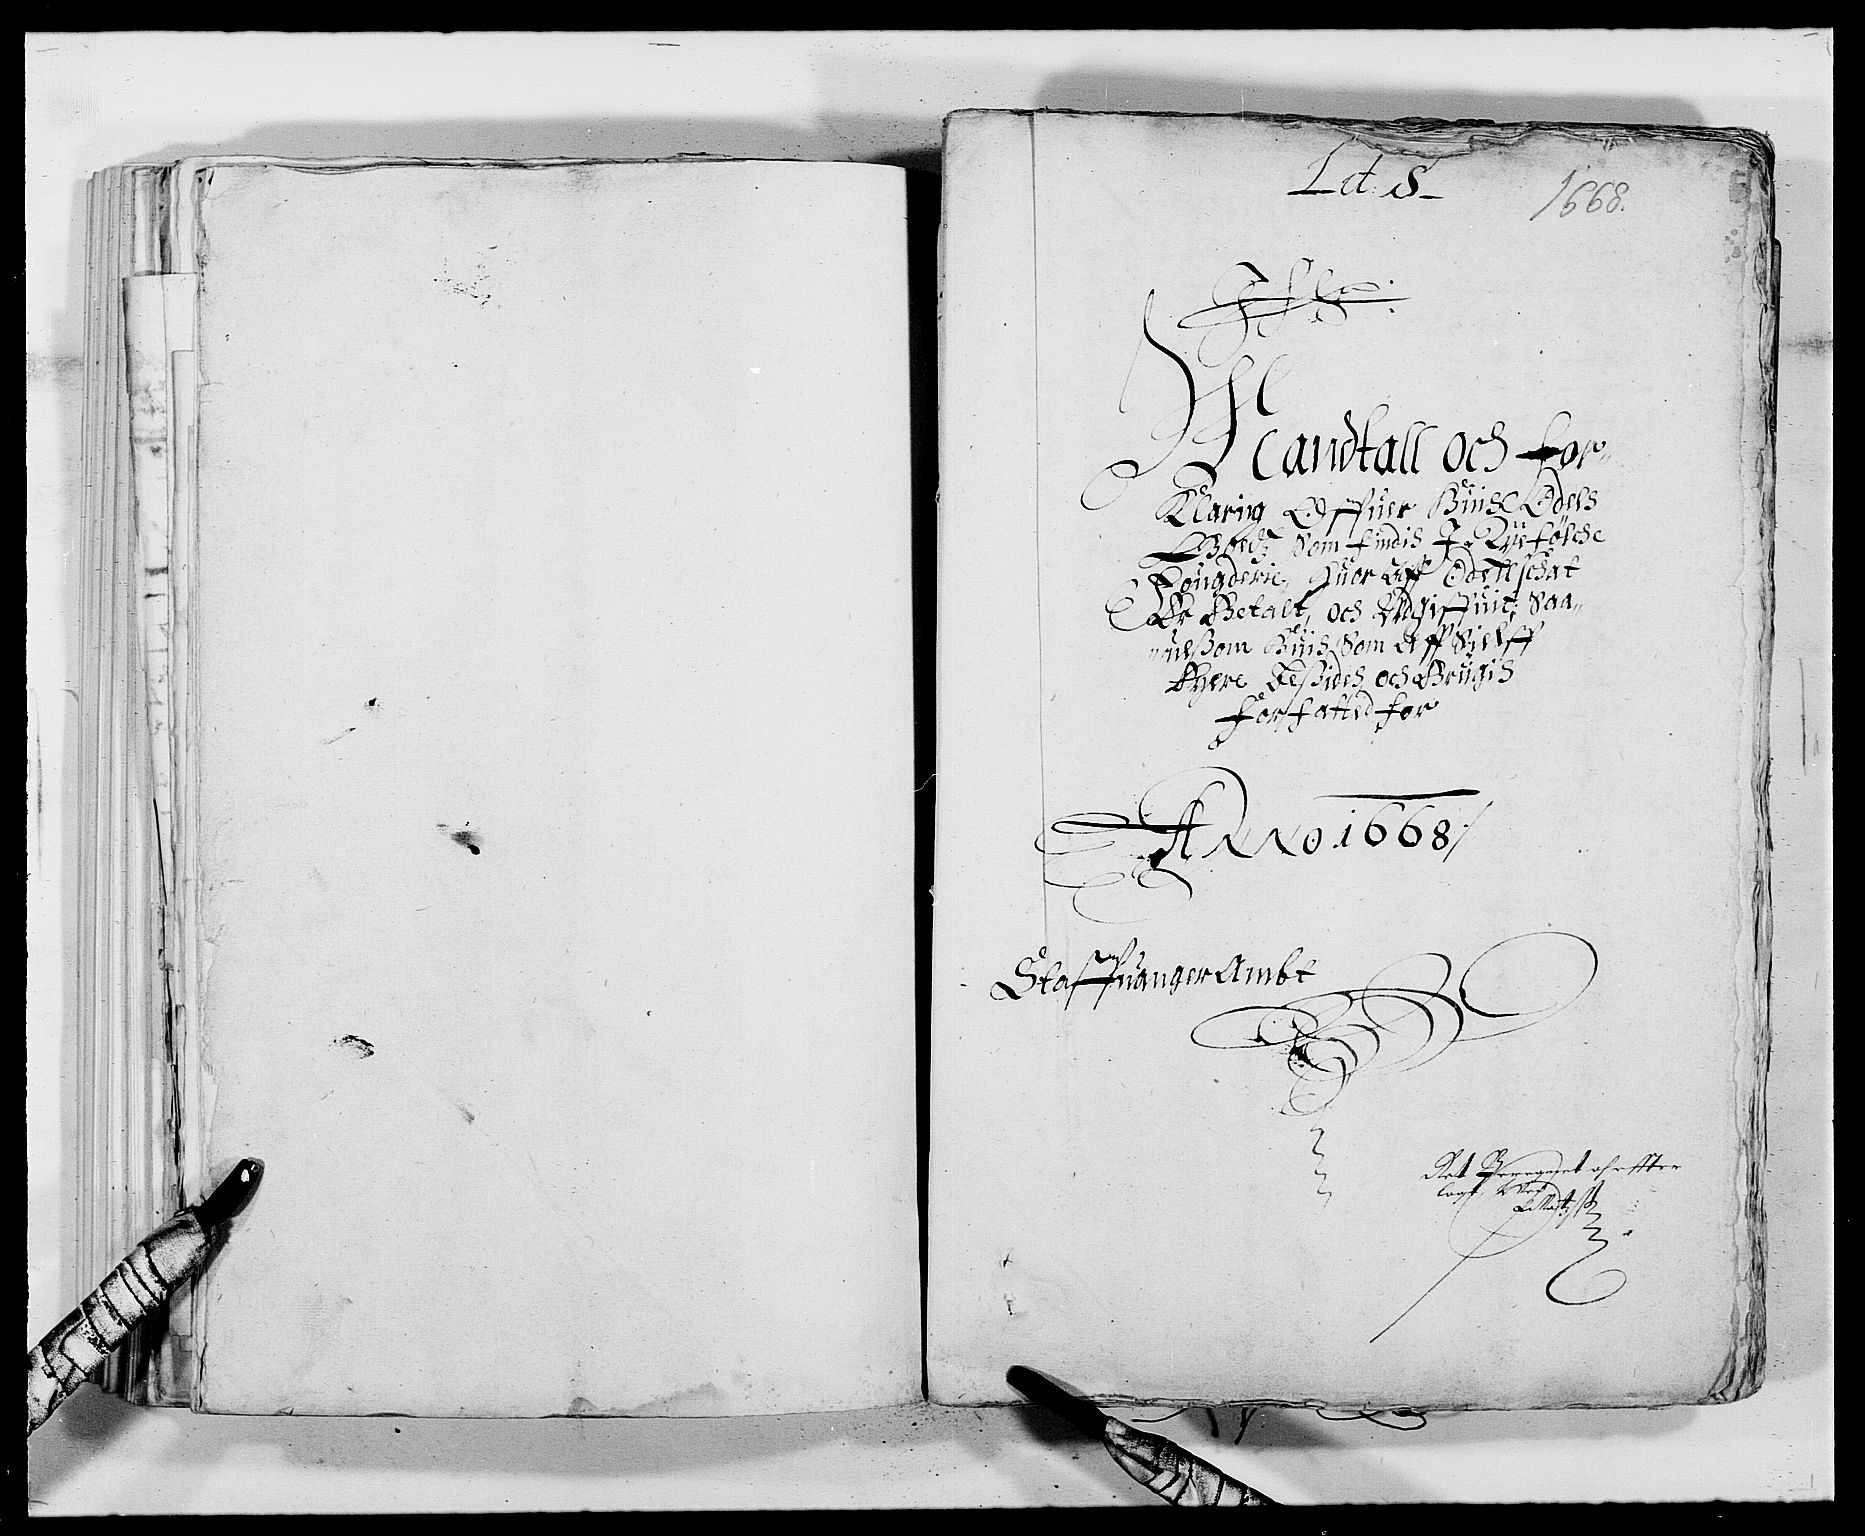 RA, Rentekammeret inntil 1814, Reviderte regnskaper, Fogderegnskap, R47/L2841: Fogderegnskap Ryfylke, 1665-1669, s. 264